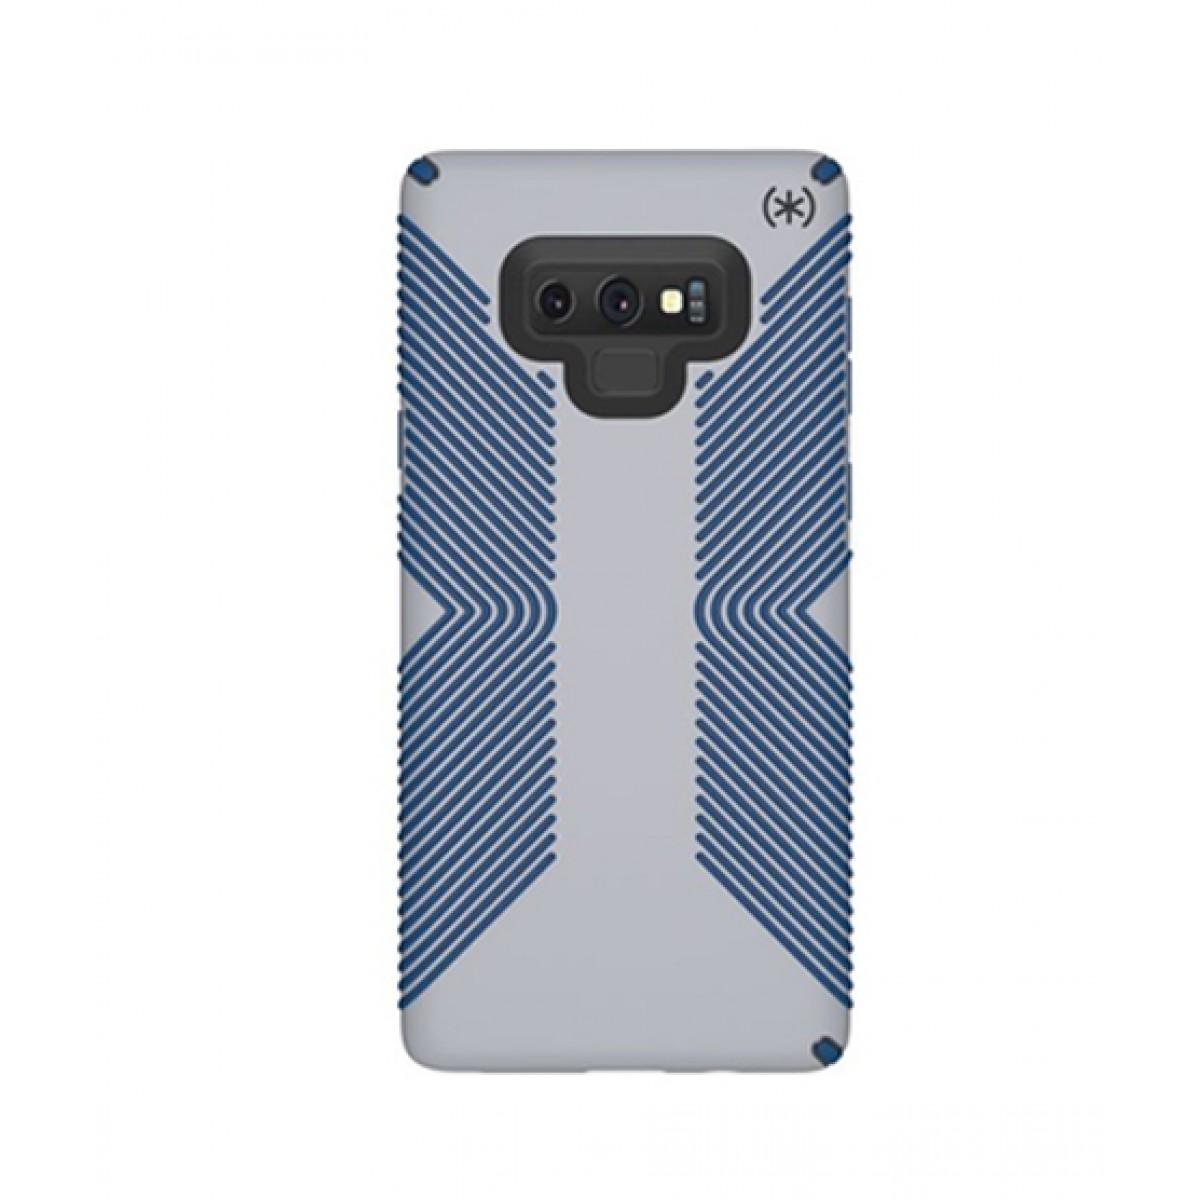 new concept 6e692 a8810 Speck Presidio Grip Microchip Grey/Ballpoint Blue Case For Galaxy Note 9